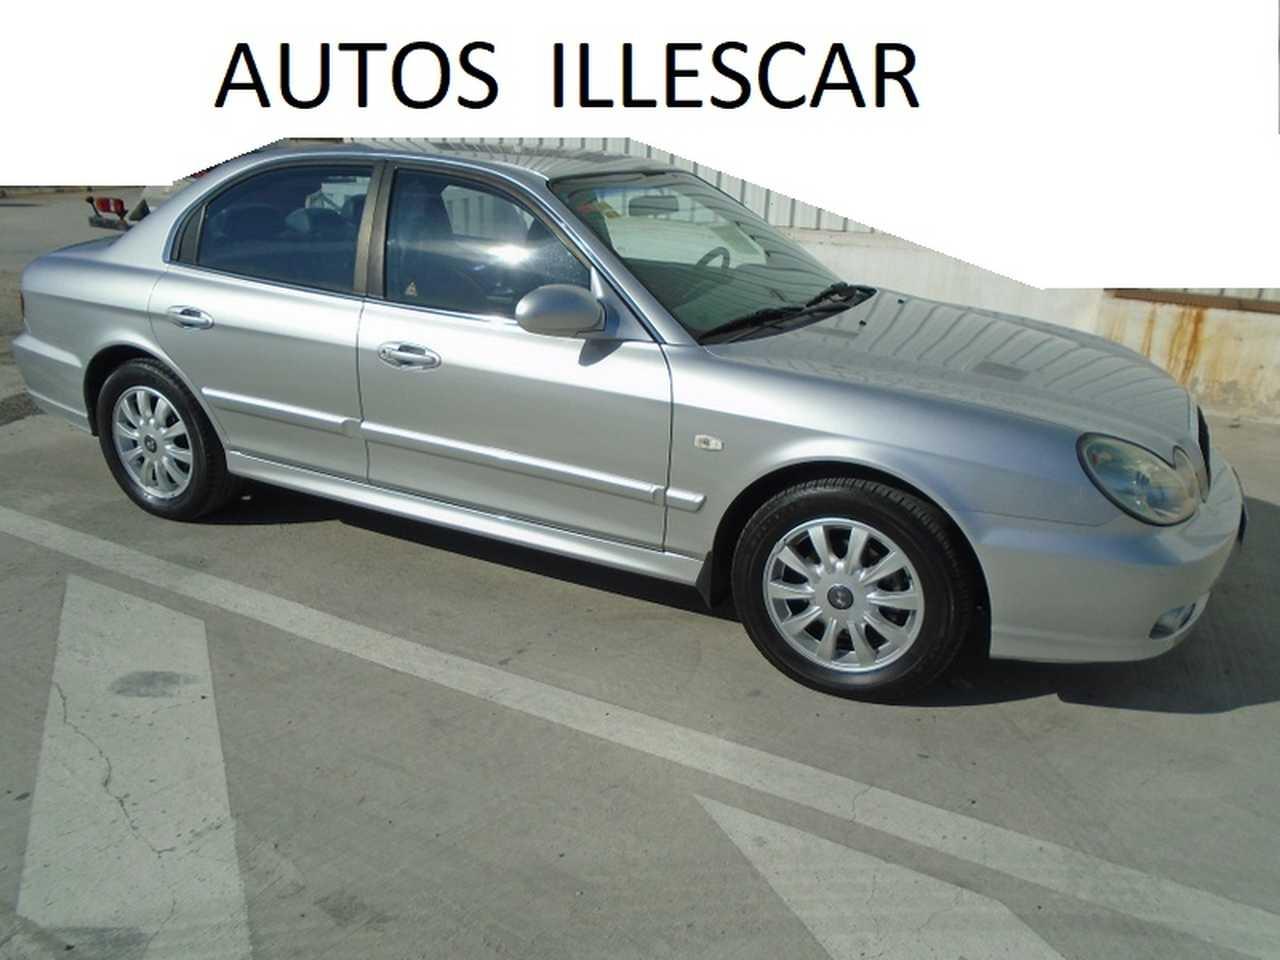 Hyundai Sonata 2.0 GASOLINA  GLS   130 CV ADMITIMOS PRUEBA MECANICA  - Foto 1